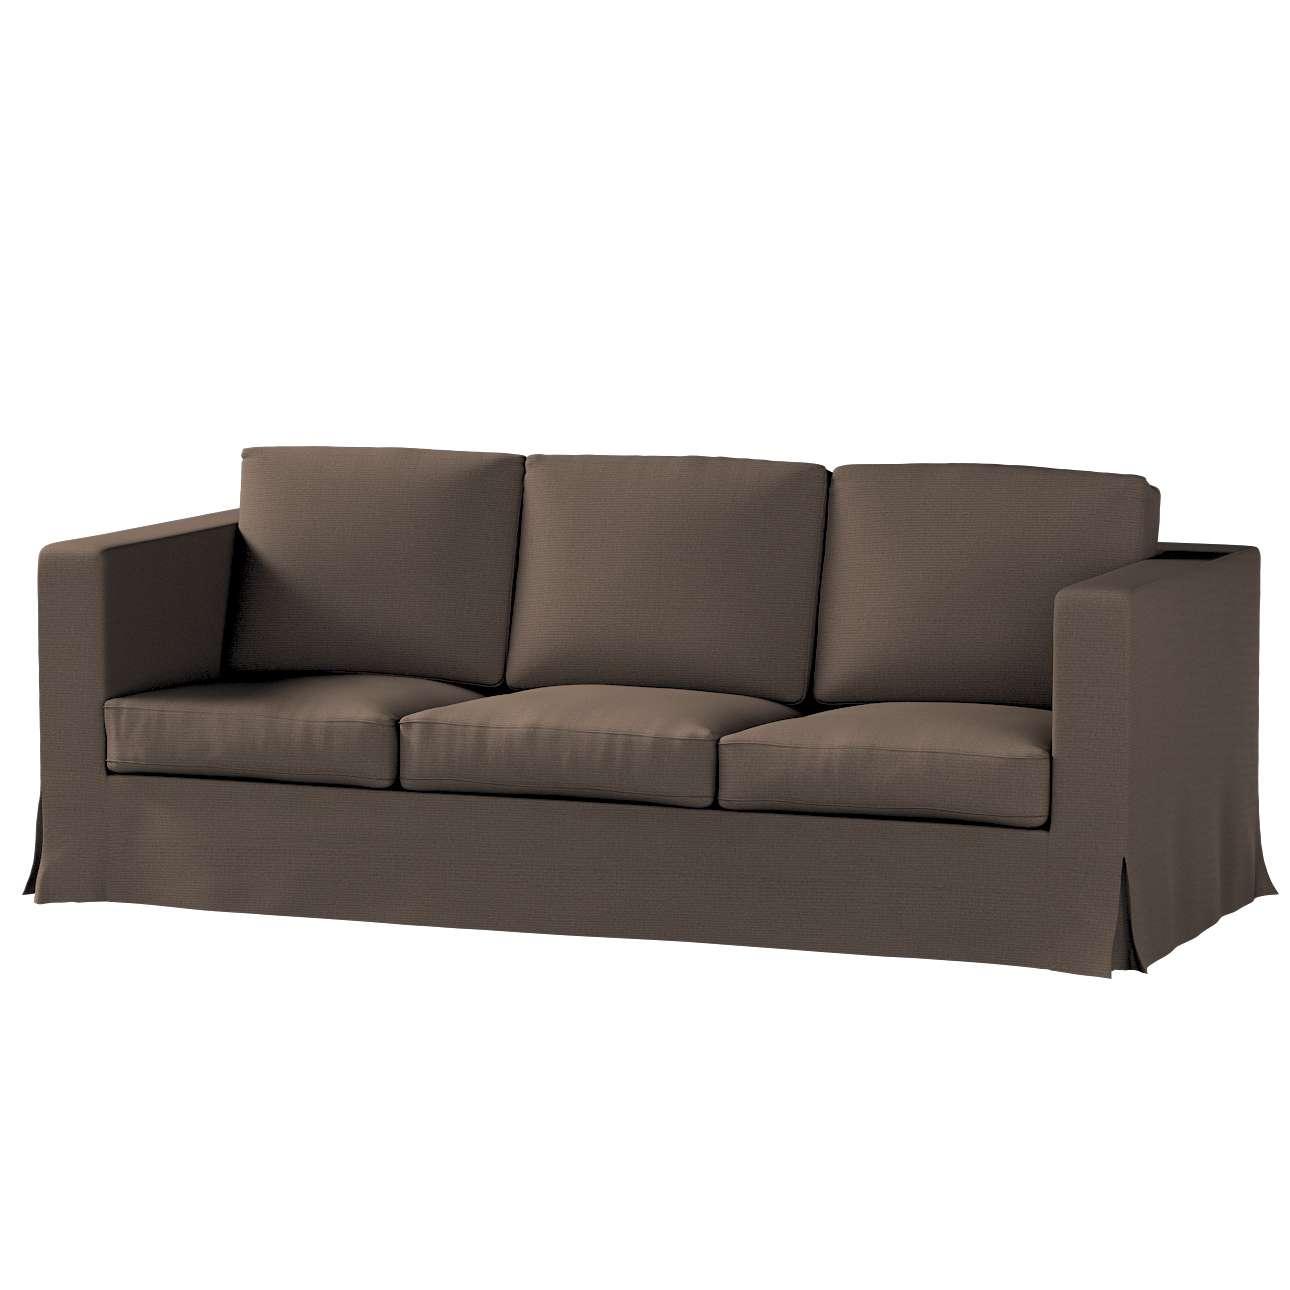 Potah na pohovku IKEA  Karlanda 3-místná nerozkládací, dlouhý pohovka Karlanda 3-os v kolekci Etna, látka: 705-08